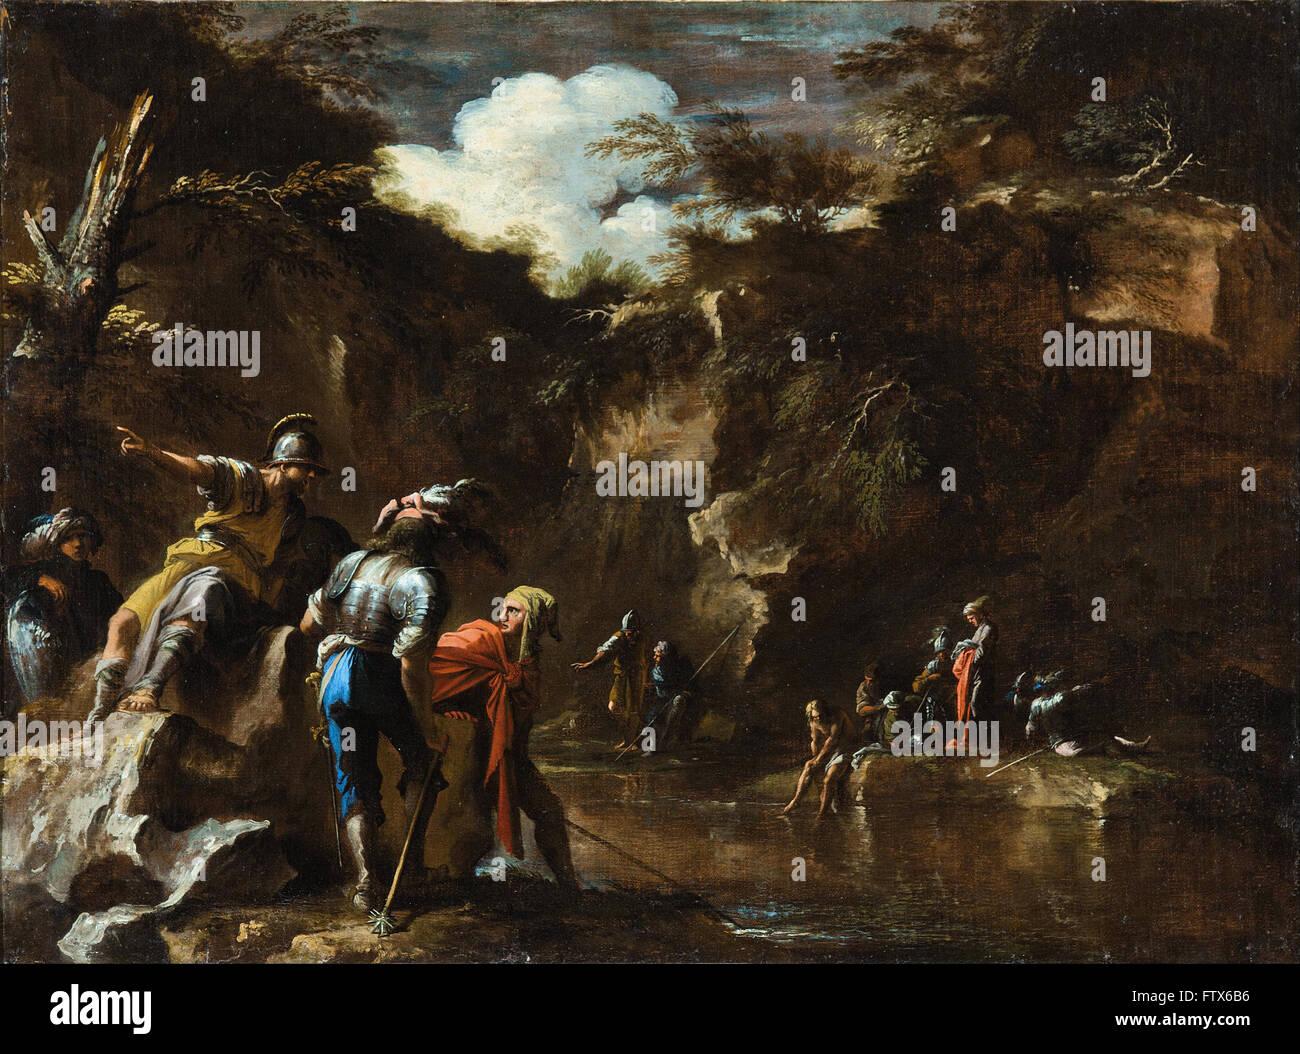 Salvator Rosa - Escena de la historia griega Imagen De Stock